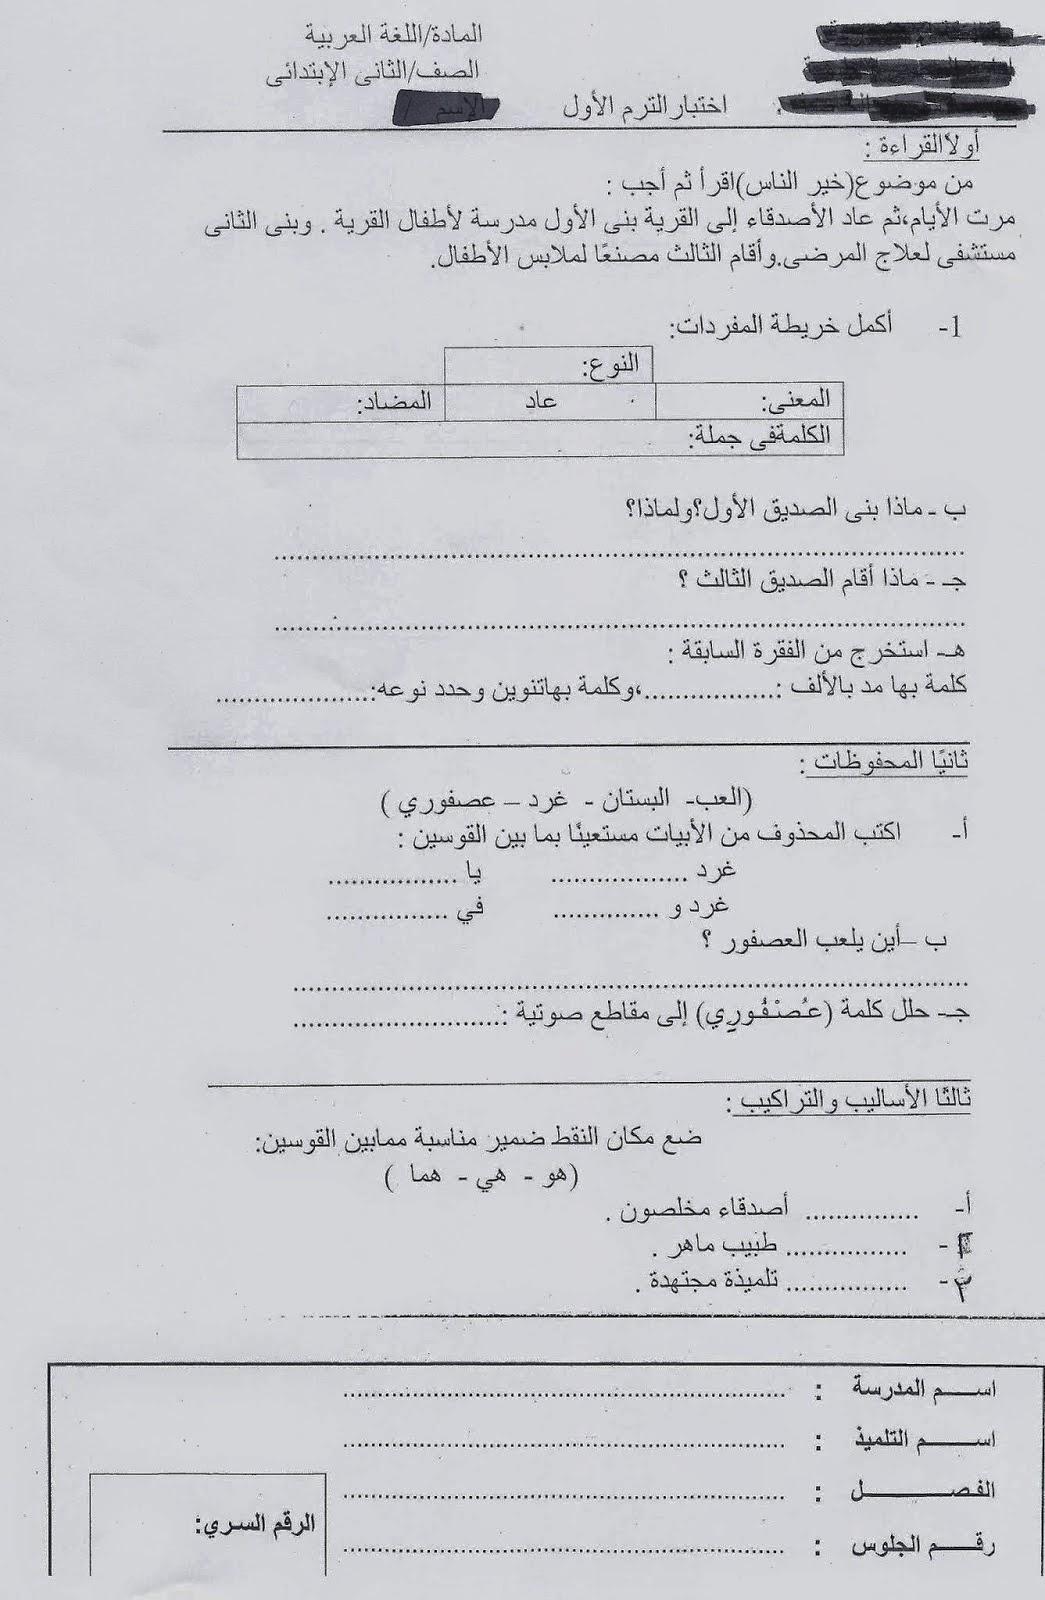 امتحانات كل مواد الثاني الابتدائي الترم الأول 2015 مدارس مصر عربى ولغات scan0070.jpg